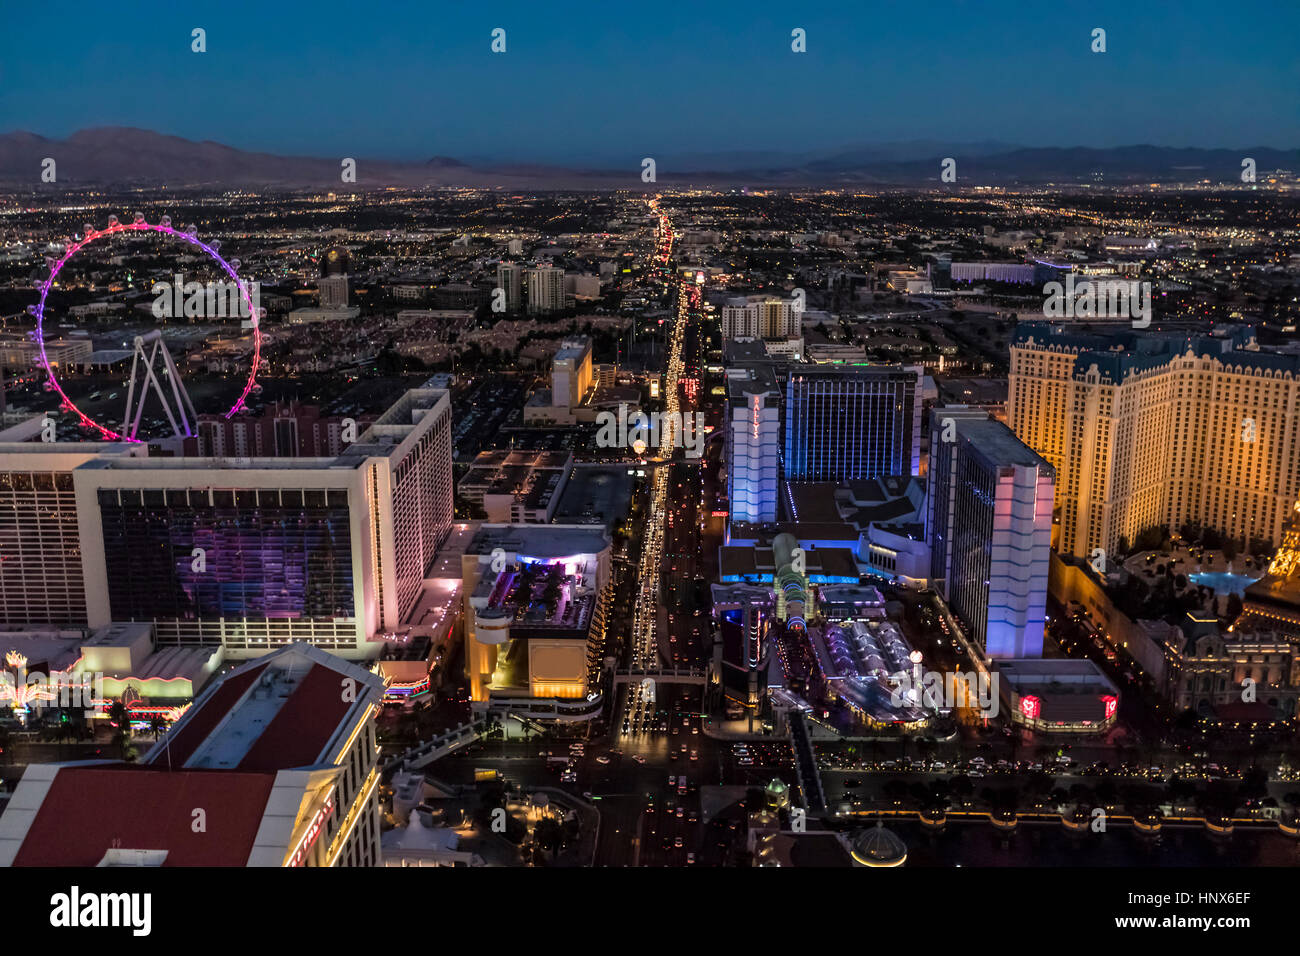 En la noche del Strip, en Las Vegas, Nevada, EE.UU. Imagen De Stock